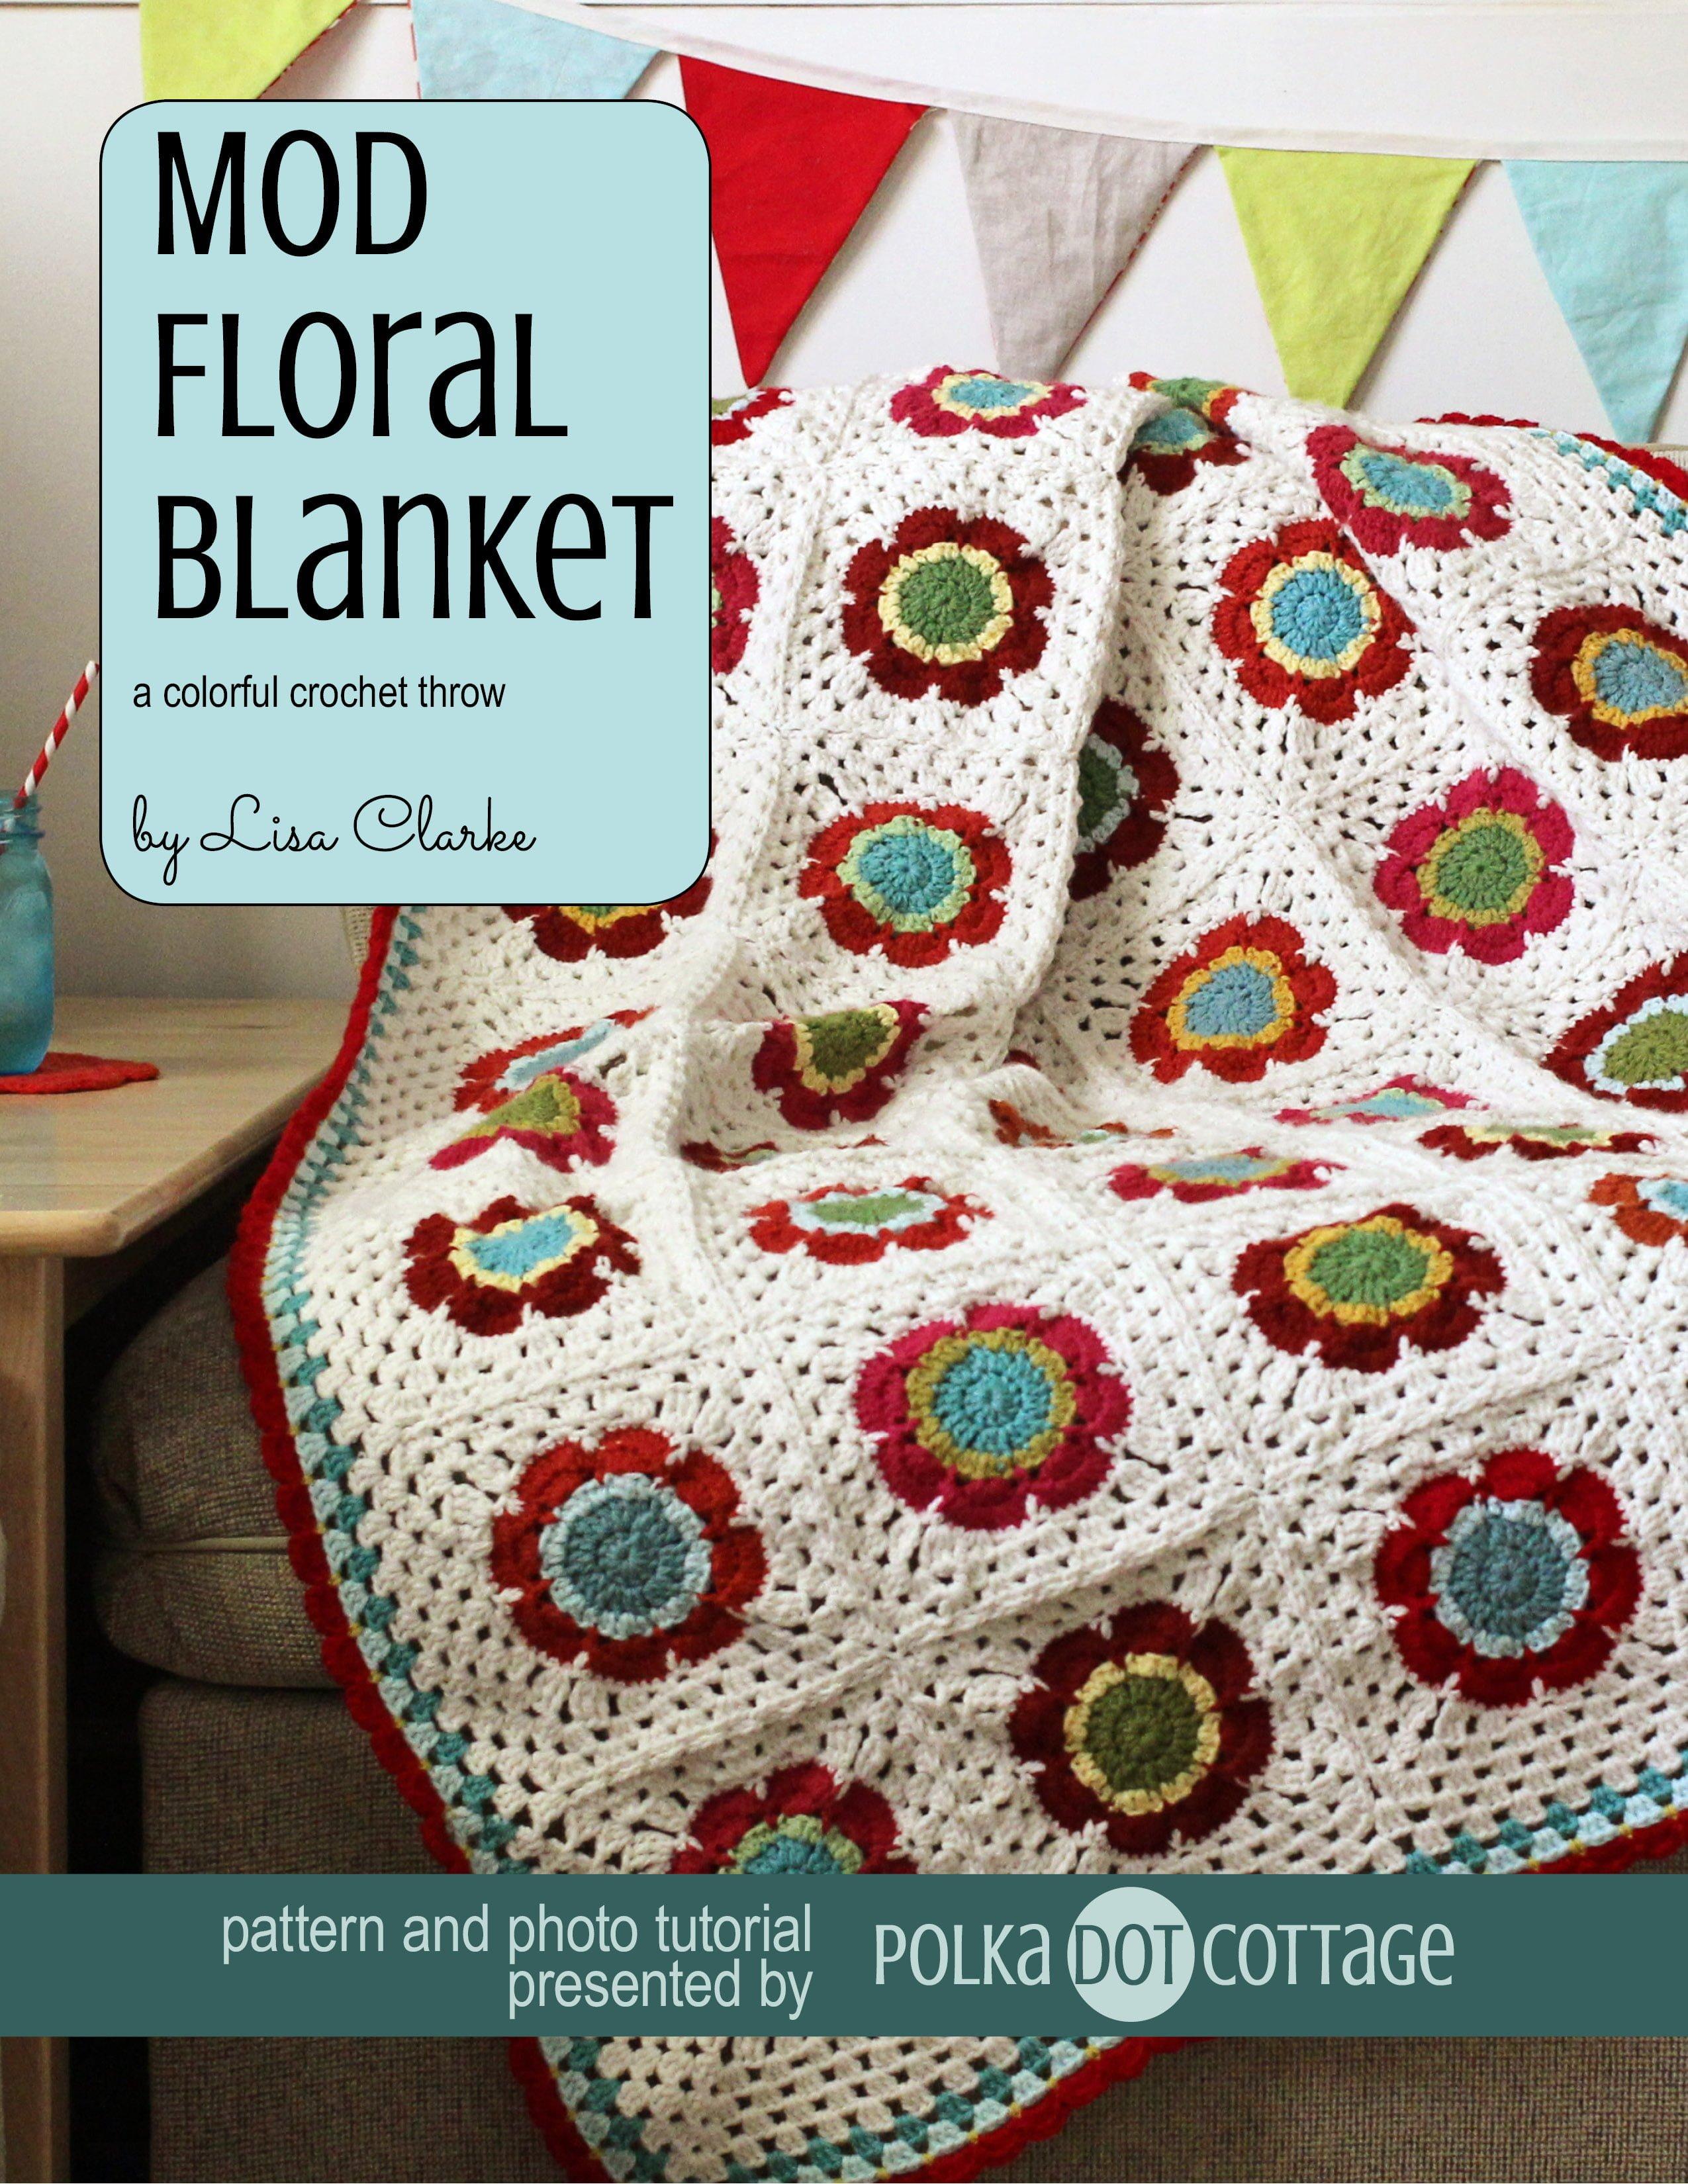 Mod Floral Blanket ⋆ Polka Dot Cottage